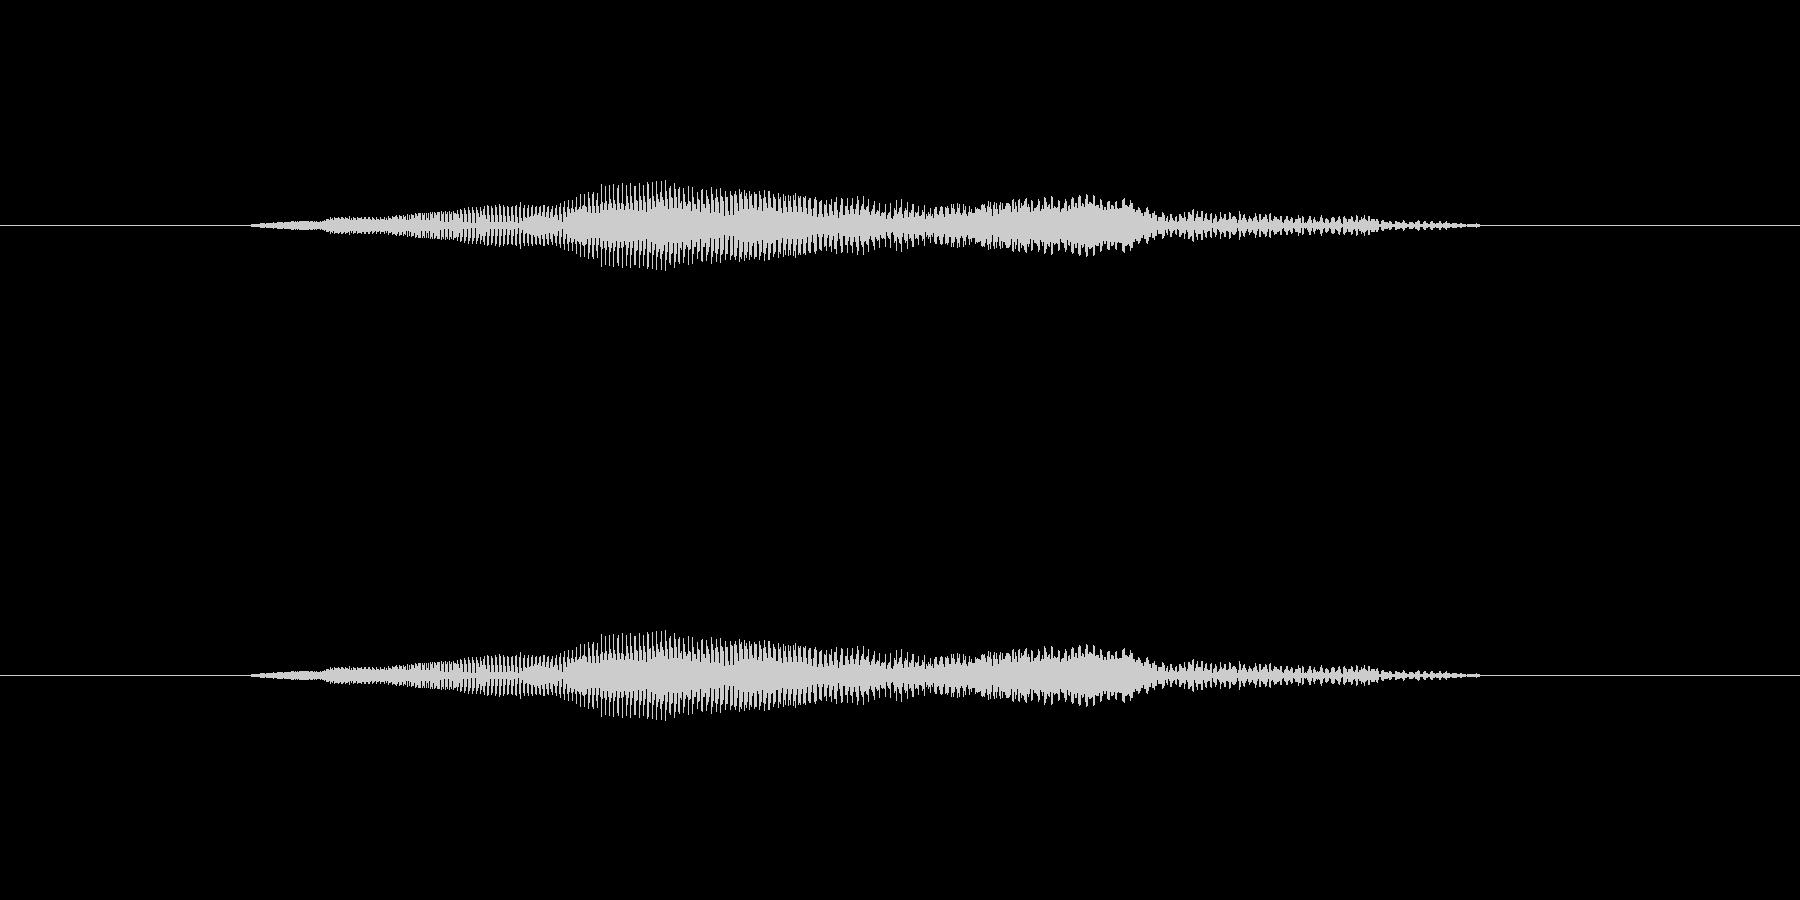 ニャー_猫声-09の未再生の波形